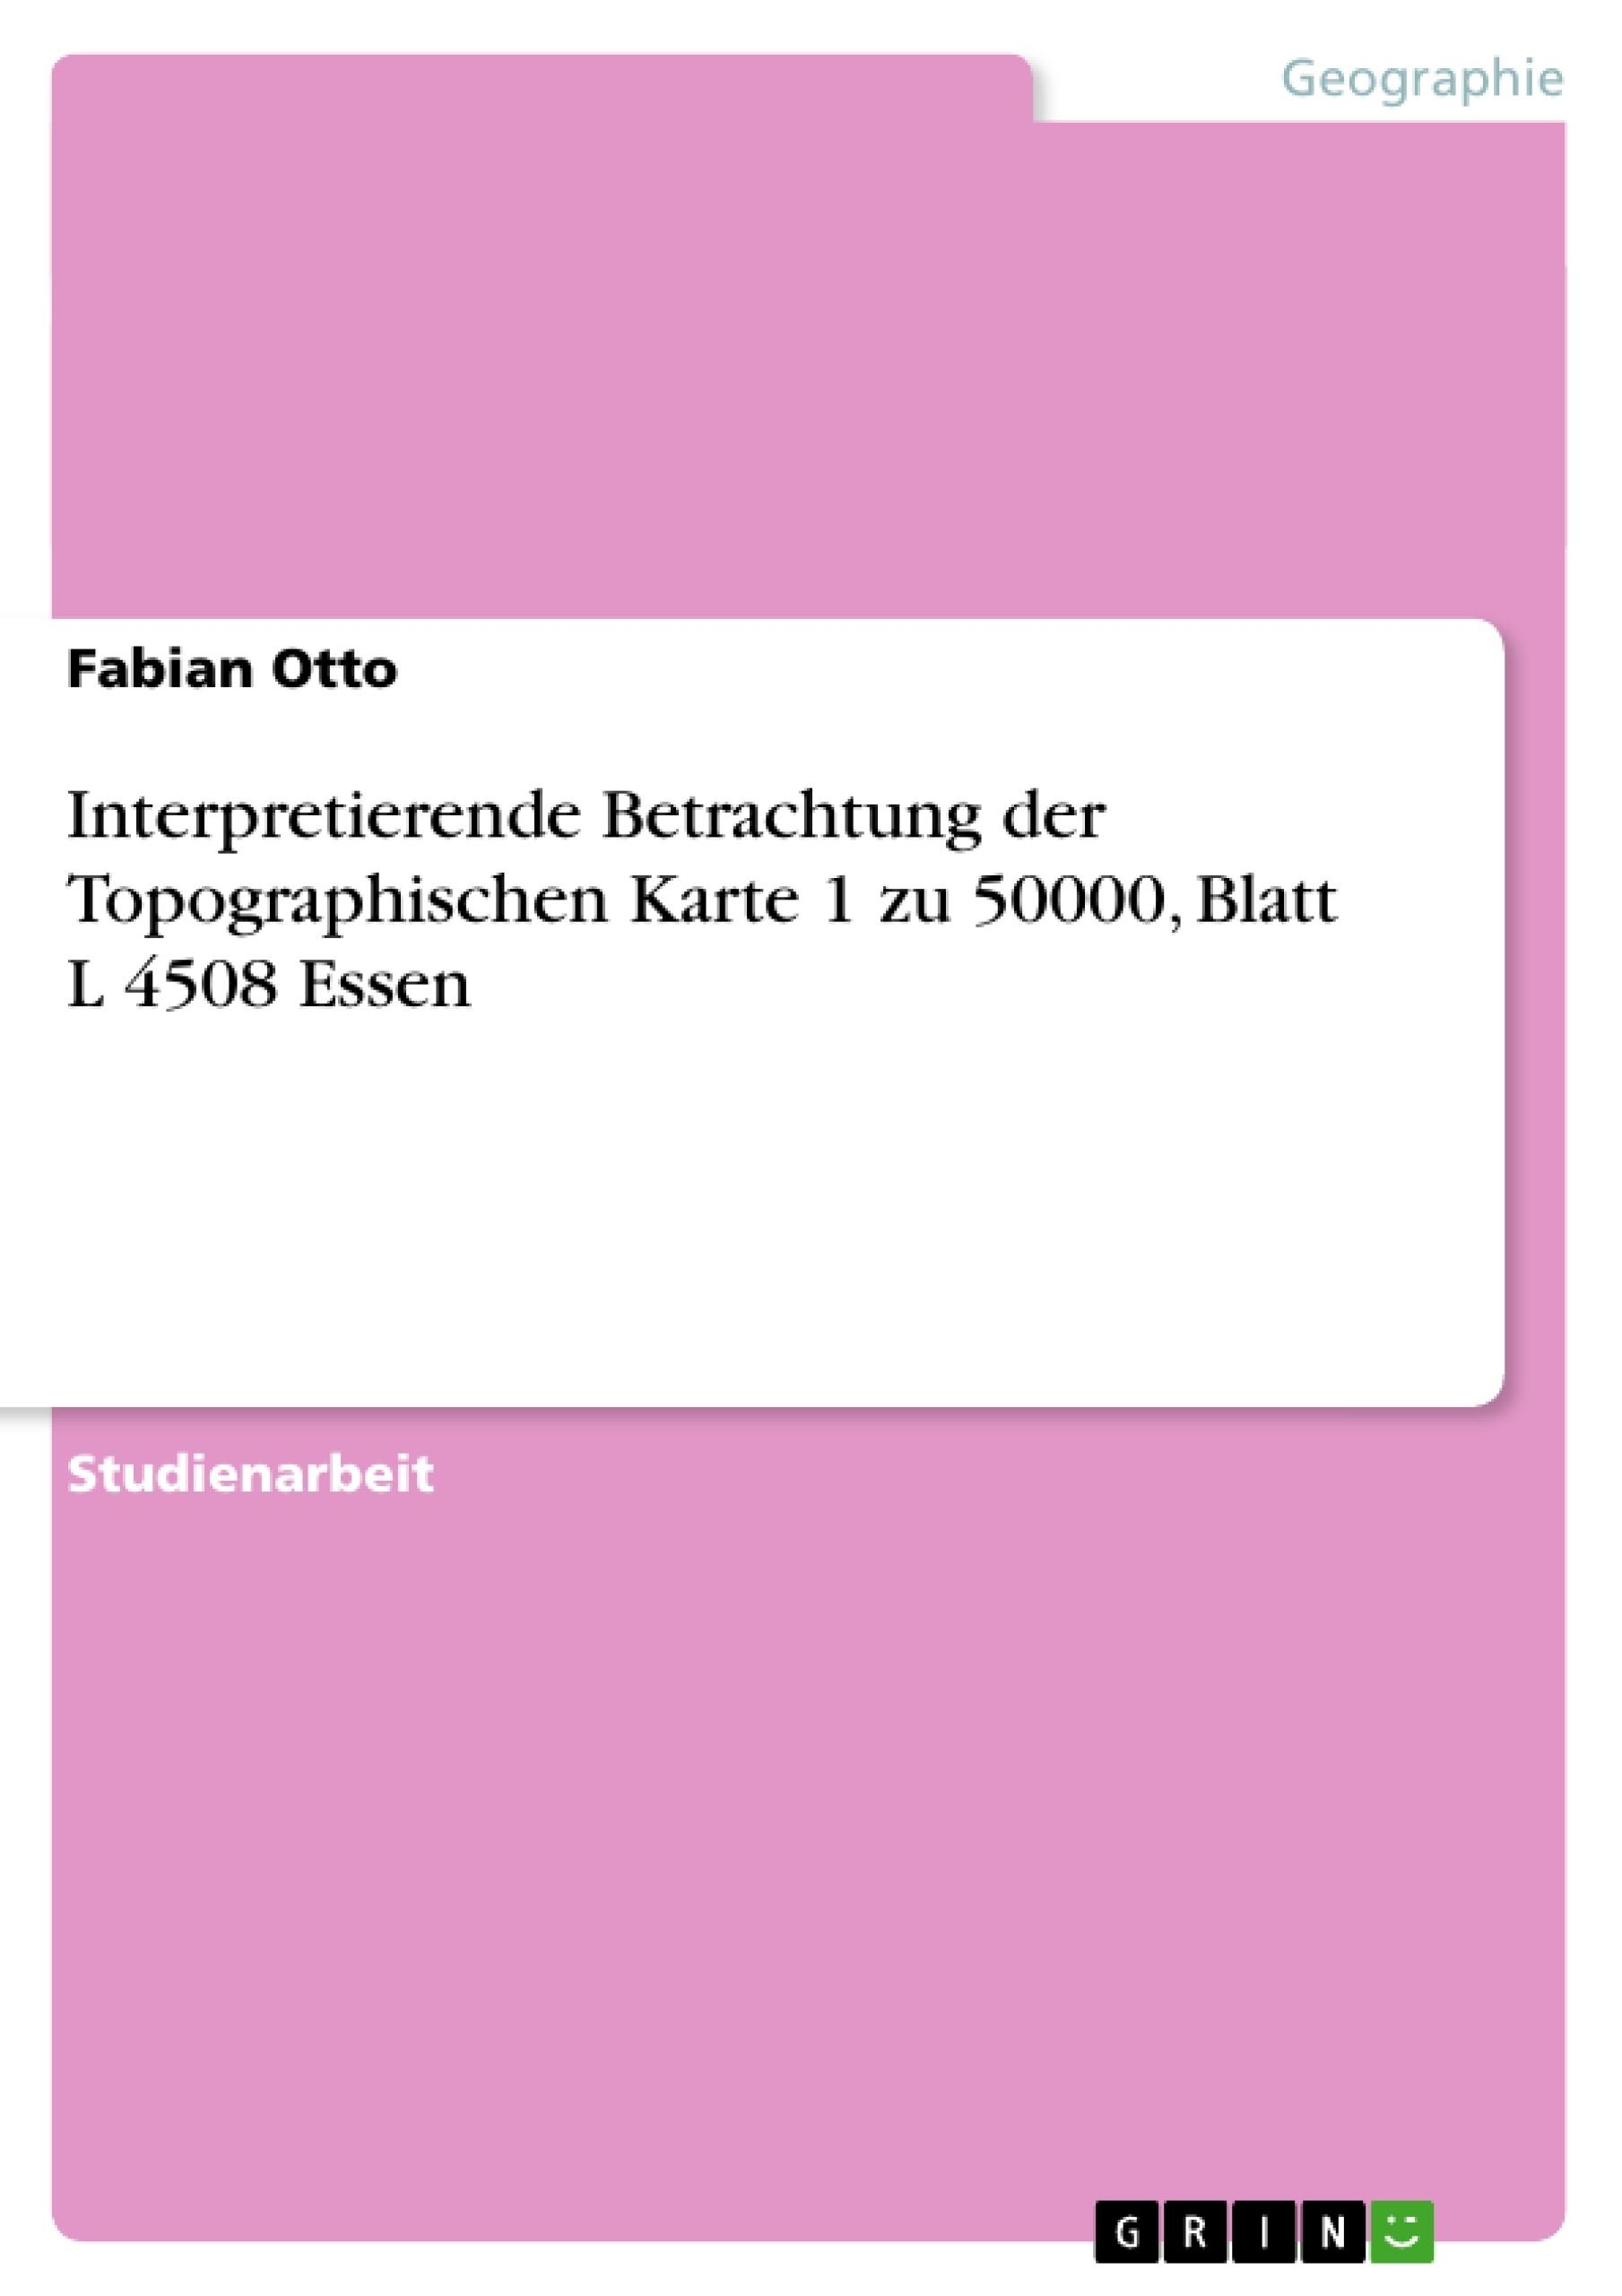 Titel: Interpretierende Betrachtung der Topographischen Karte 1 zu 50000, Blatt L 4508 Essen